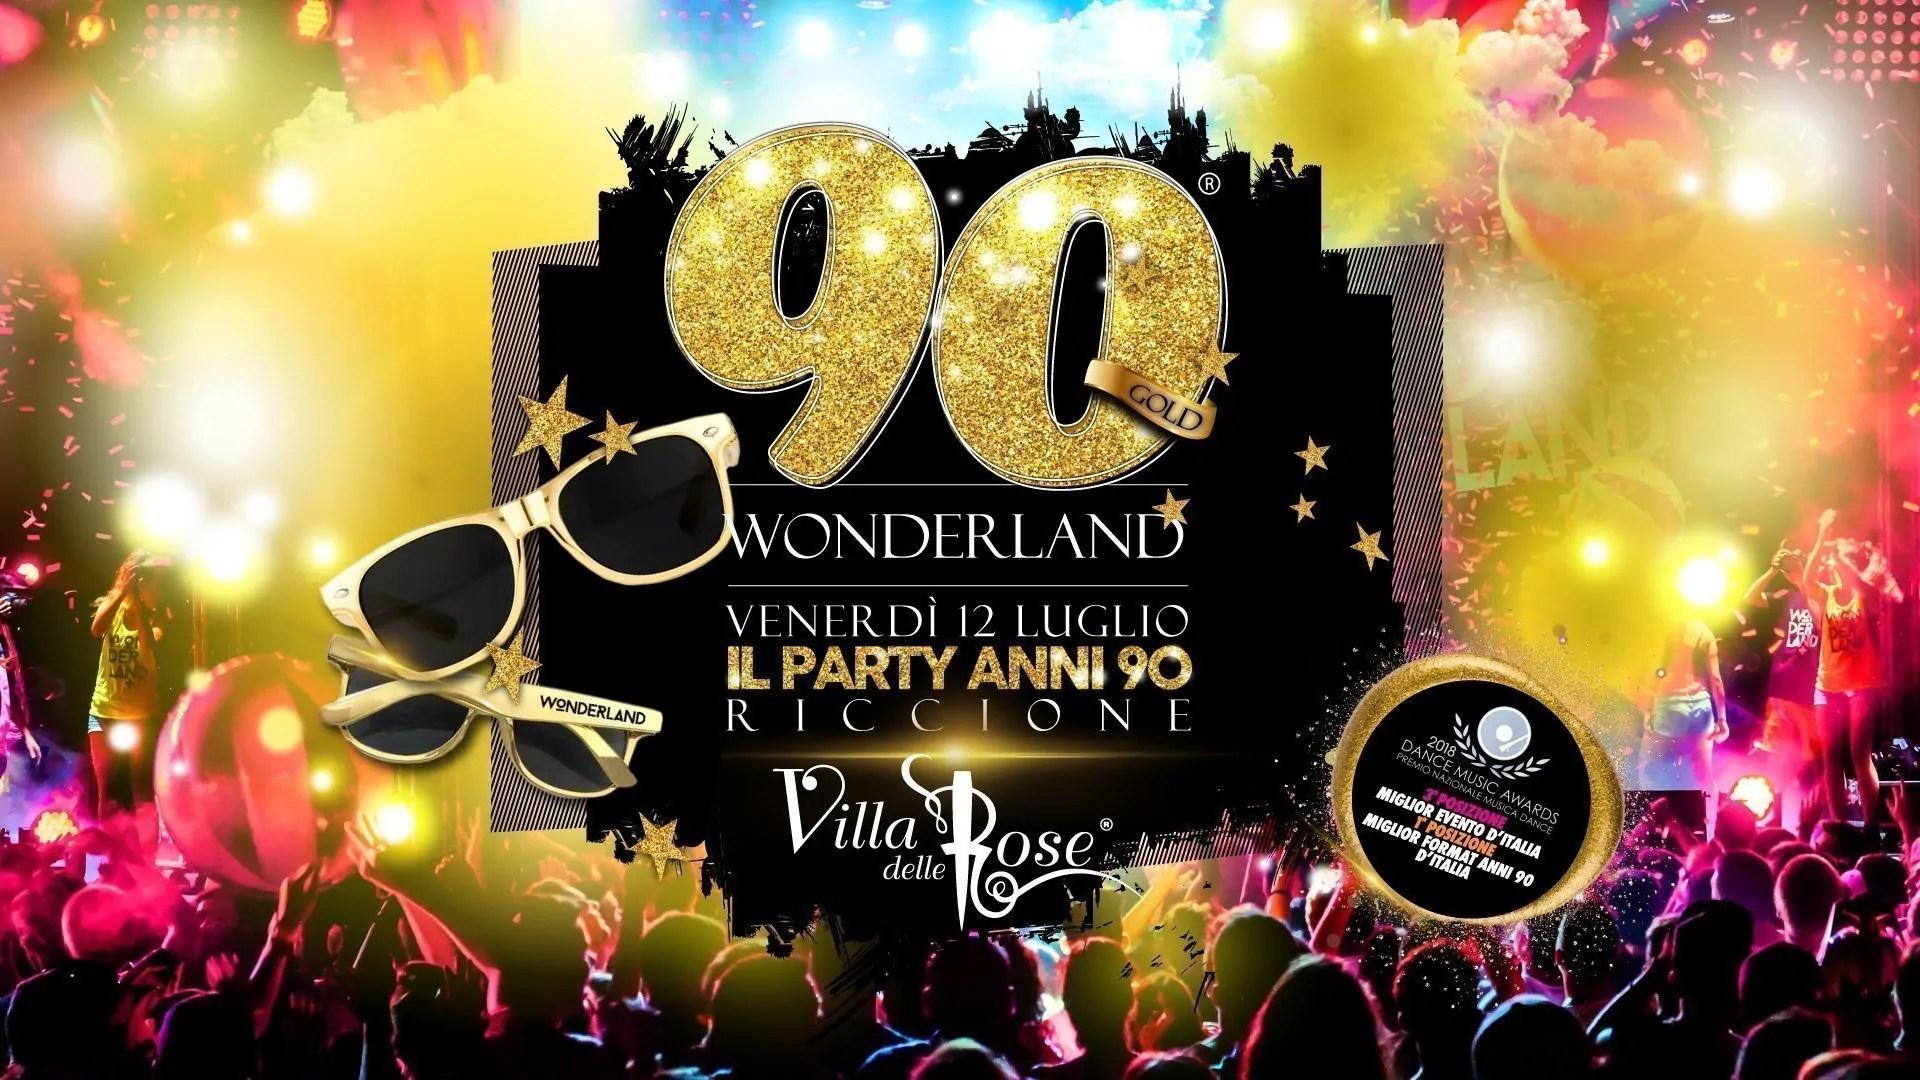 90 WONDERLAND at Villa delle Rose VENERDì 12 Luglio 2019 + Prezzi Ticket/Biglietti/Prevendite 18APP Tavoli Pacchetti hotel